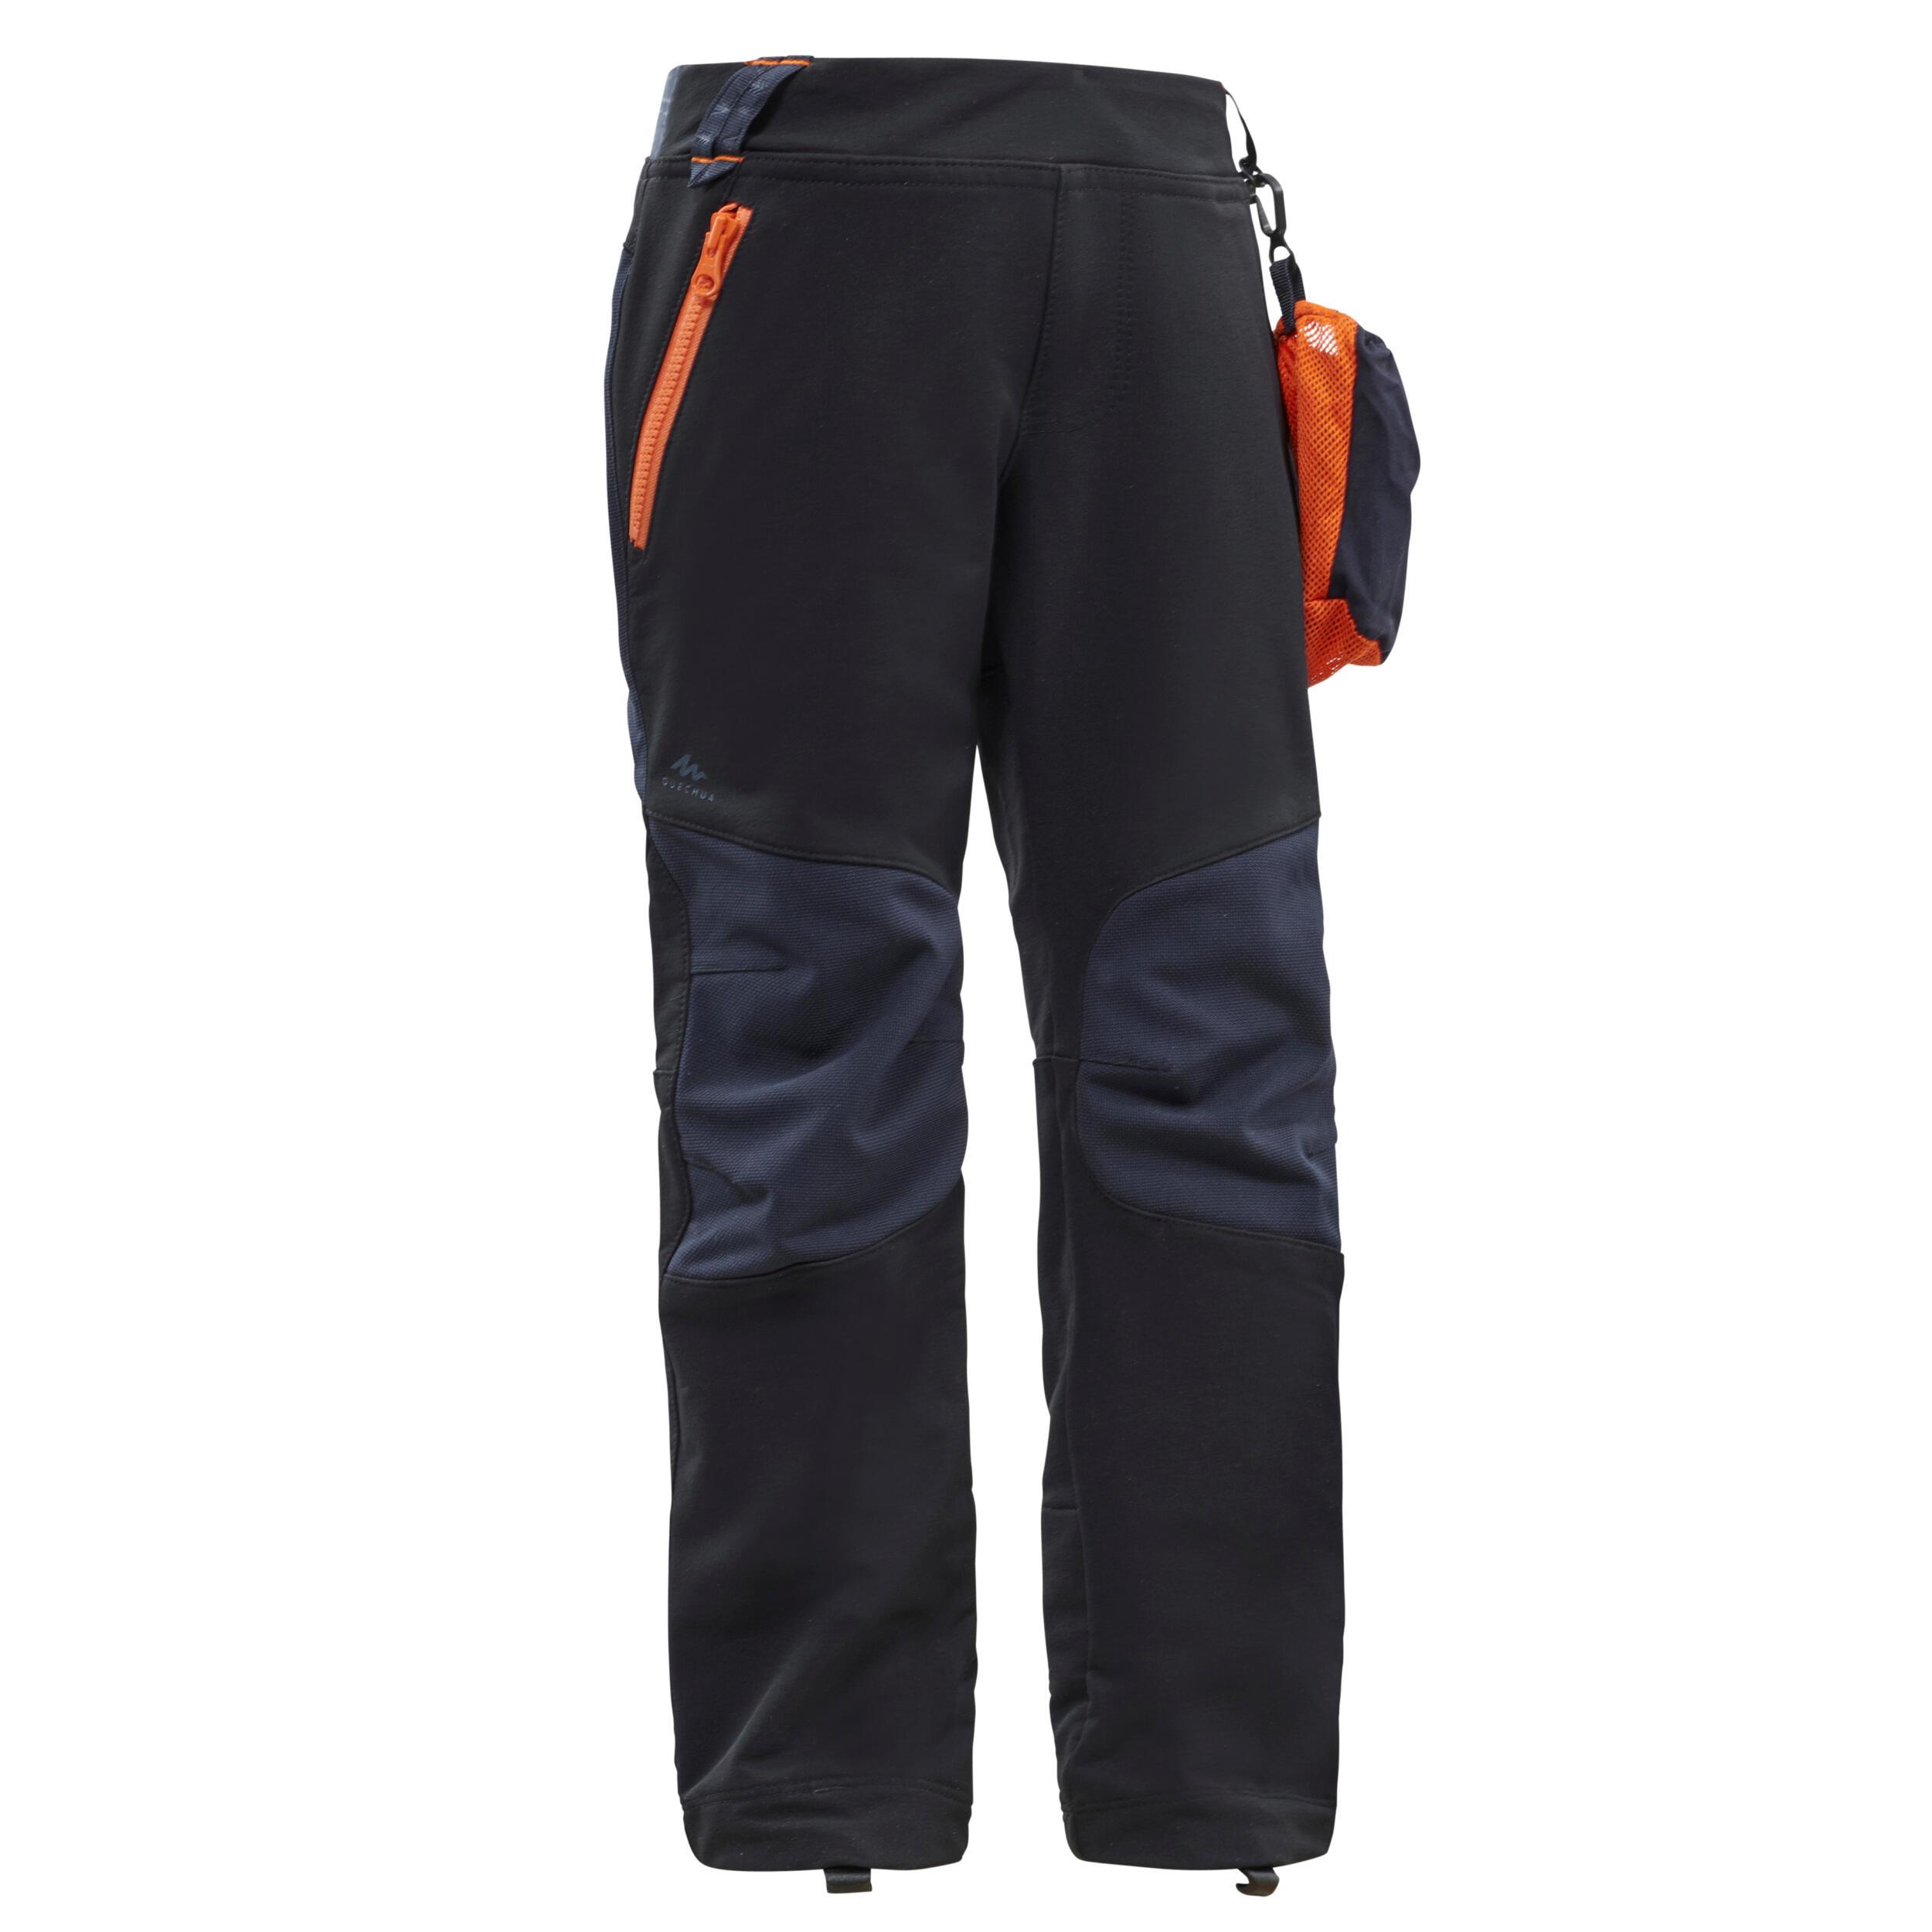 Pantalon softshell de randonnée enfant mh500 noir 2 6 ans quechua